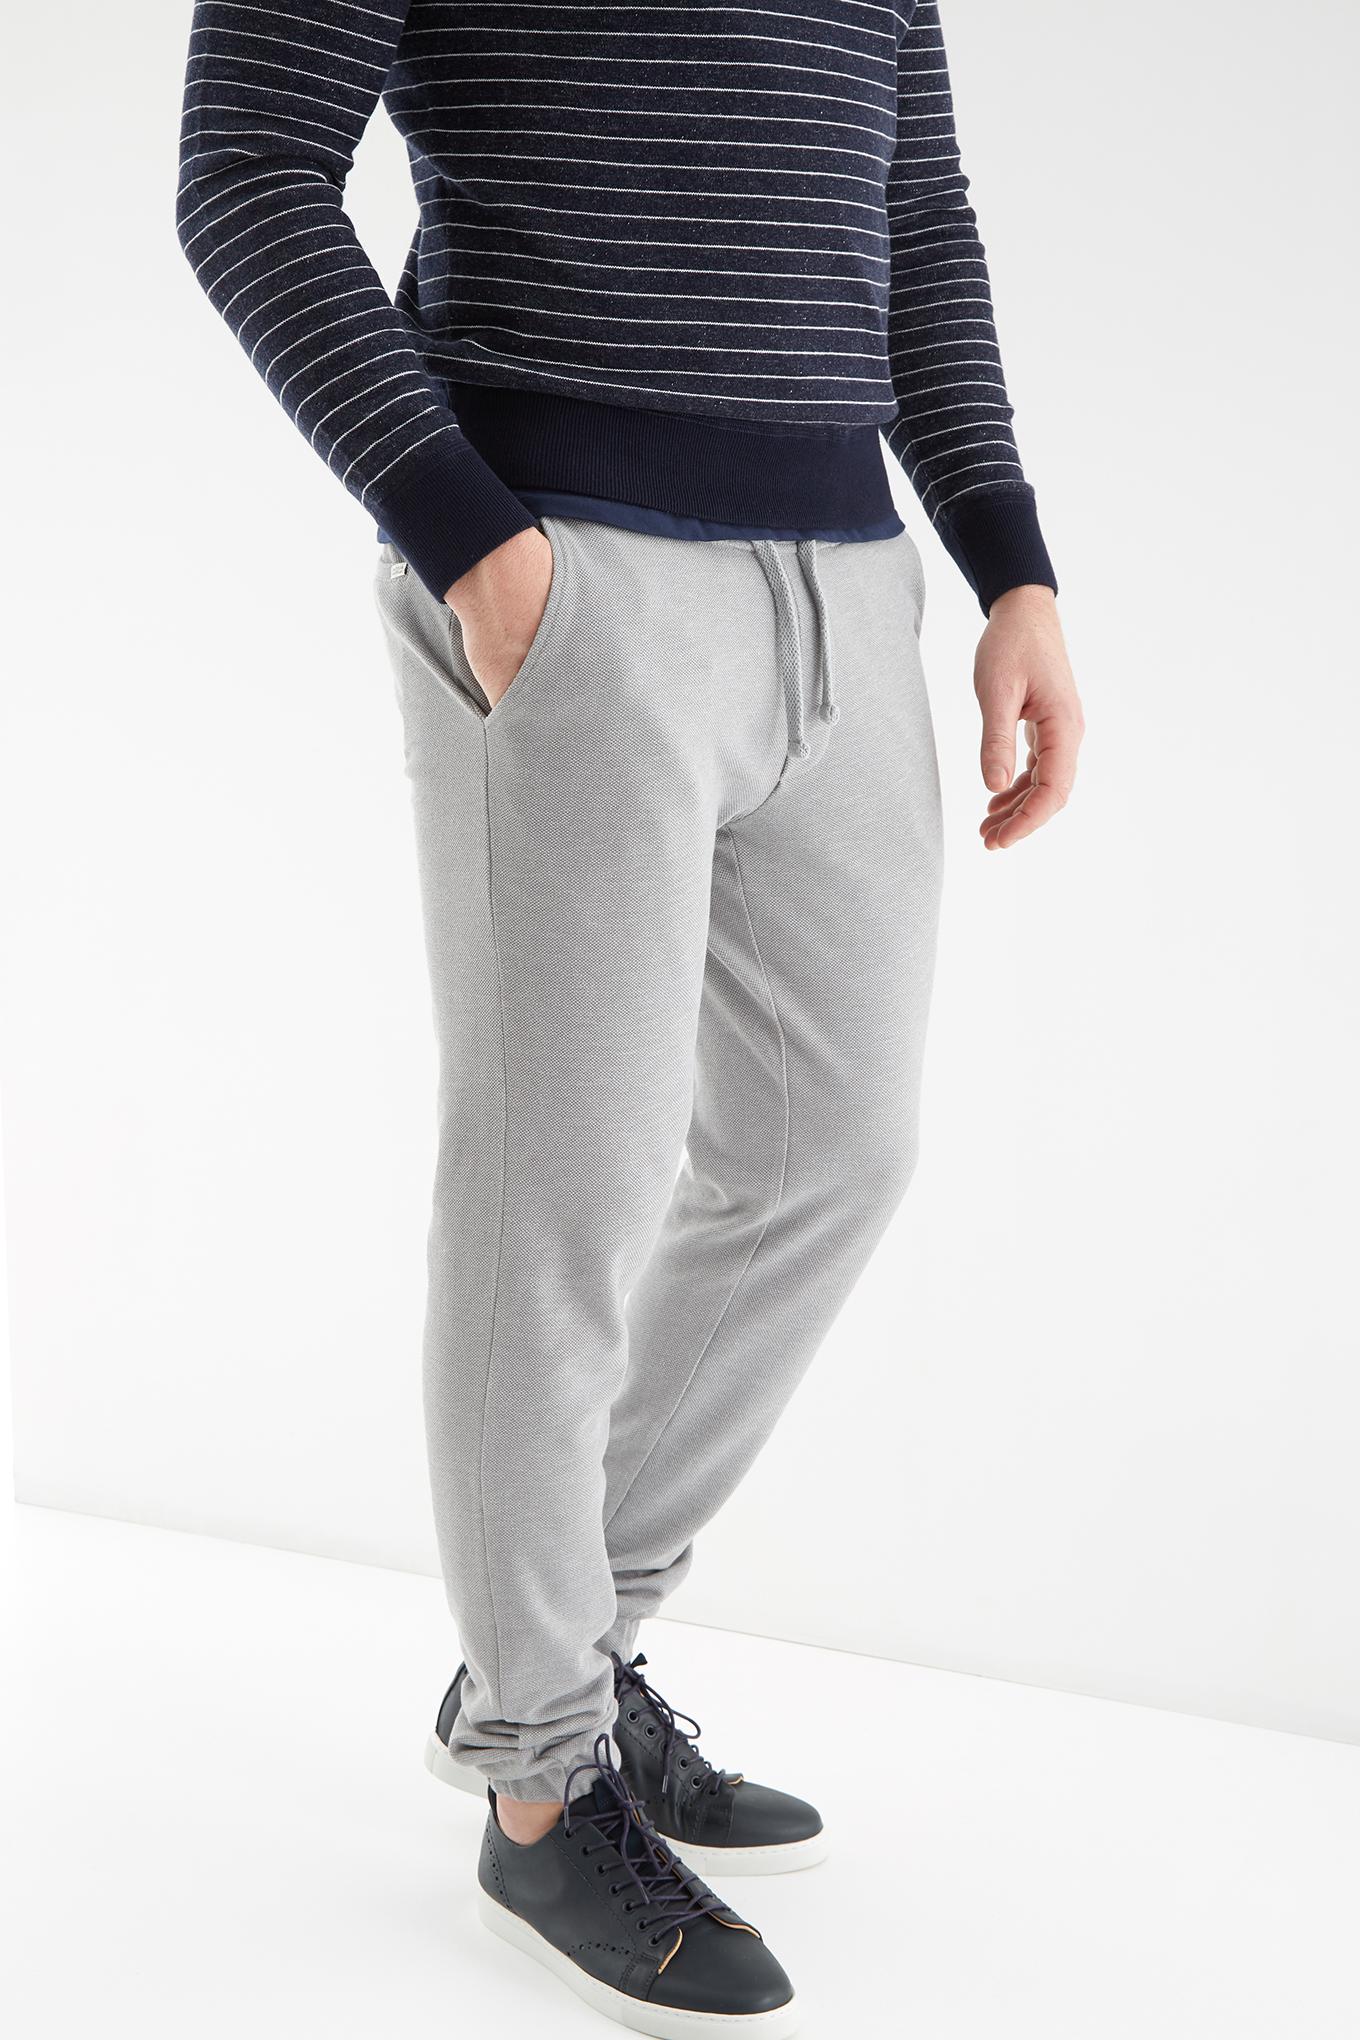 Sportswear Trousers Mix Grey Sport Man